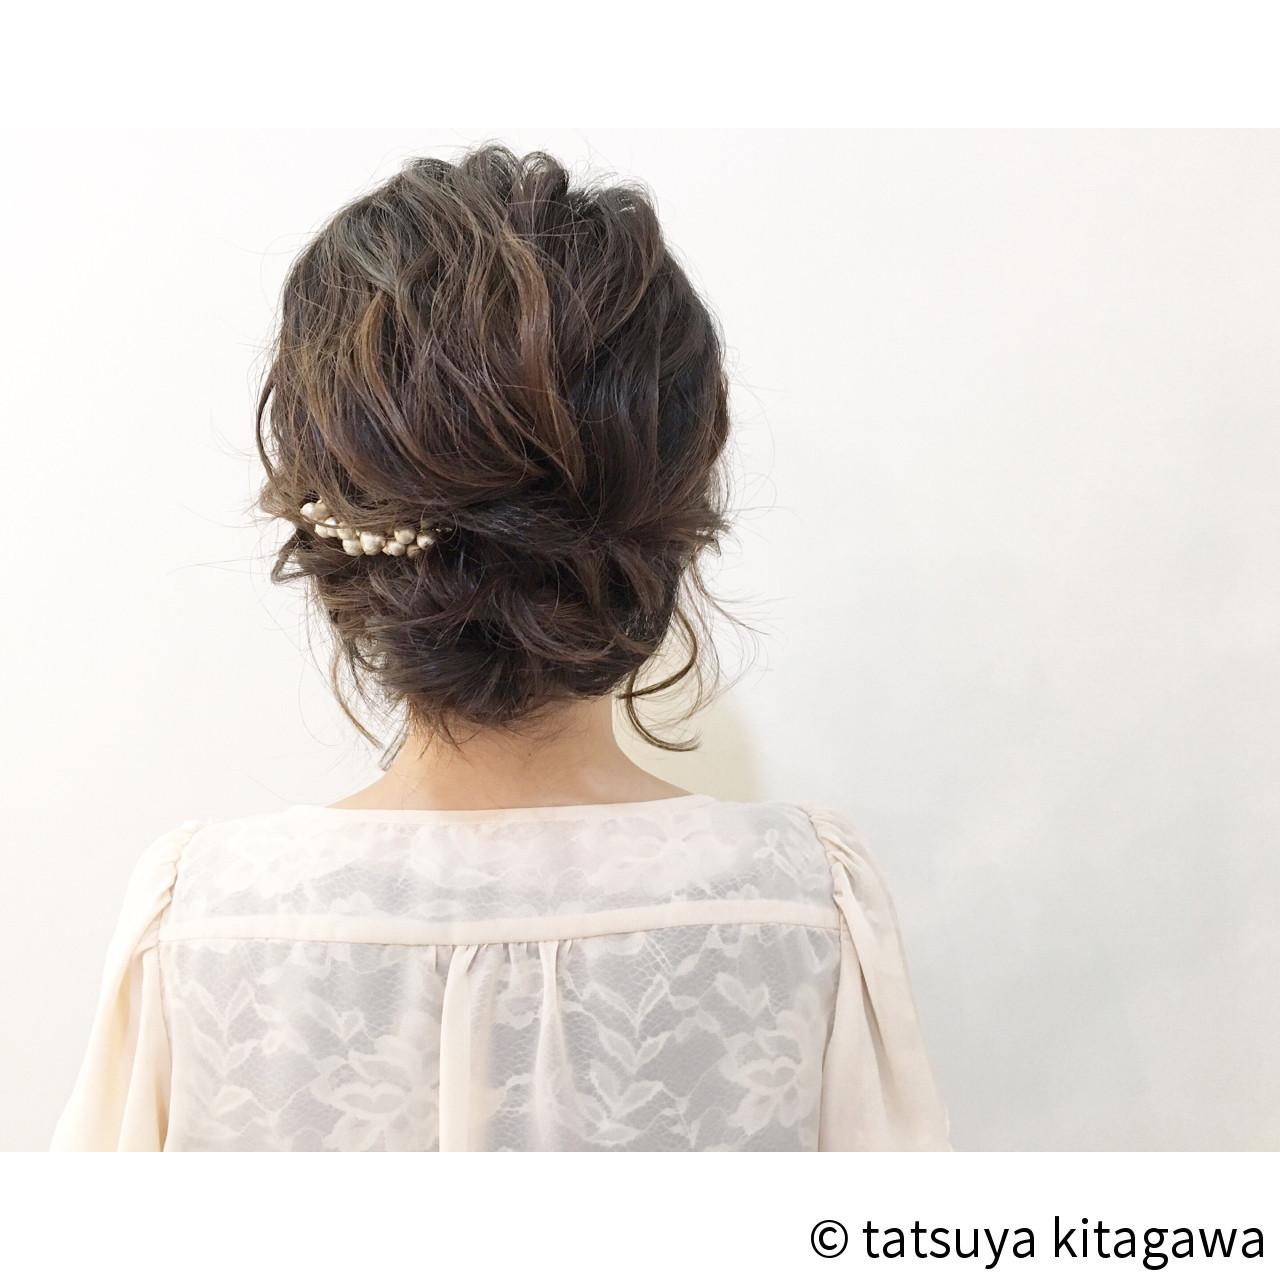 ピンだけでできるまとめ髪風アレンジ tatsuya kitagawa